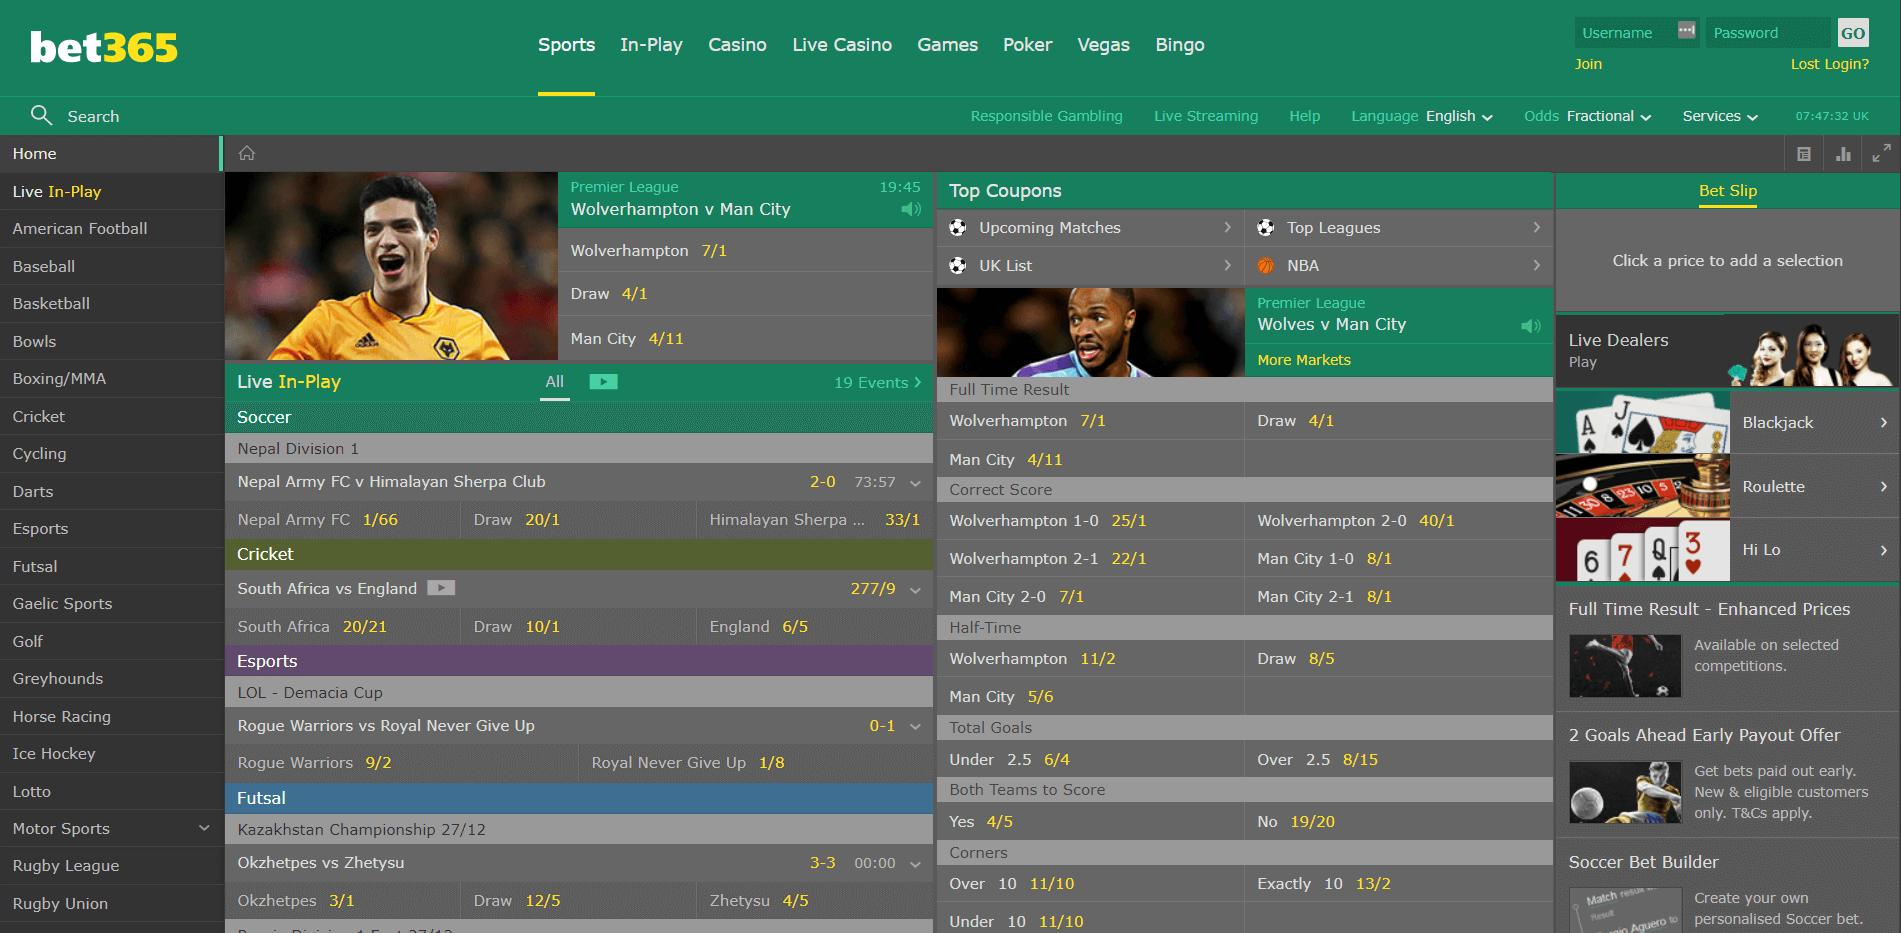 bet365 sportsbook homepage